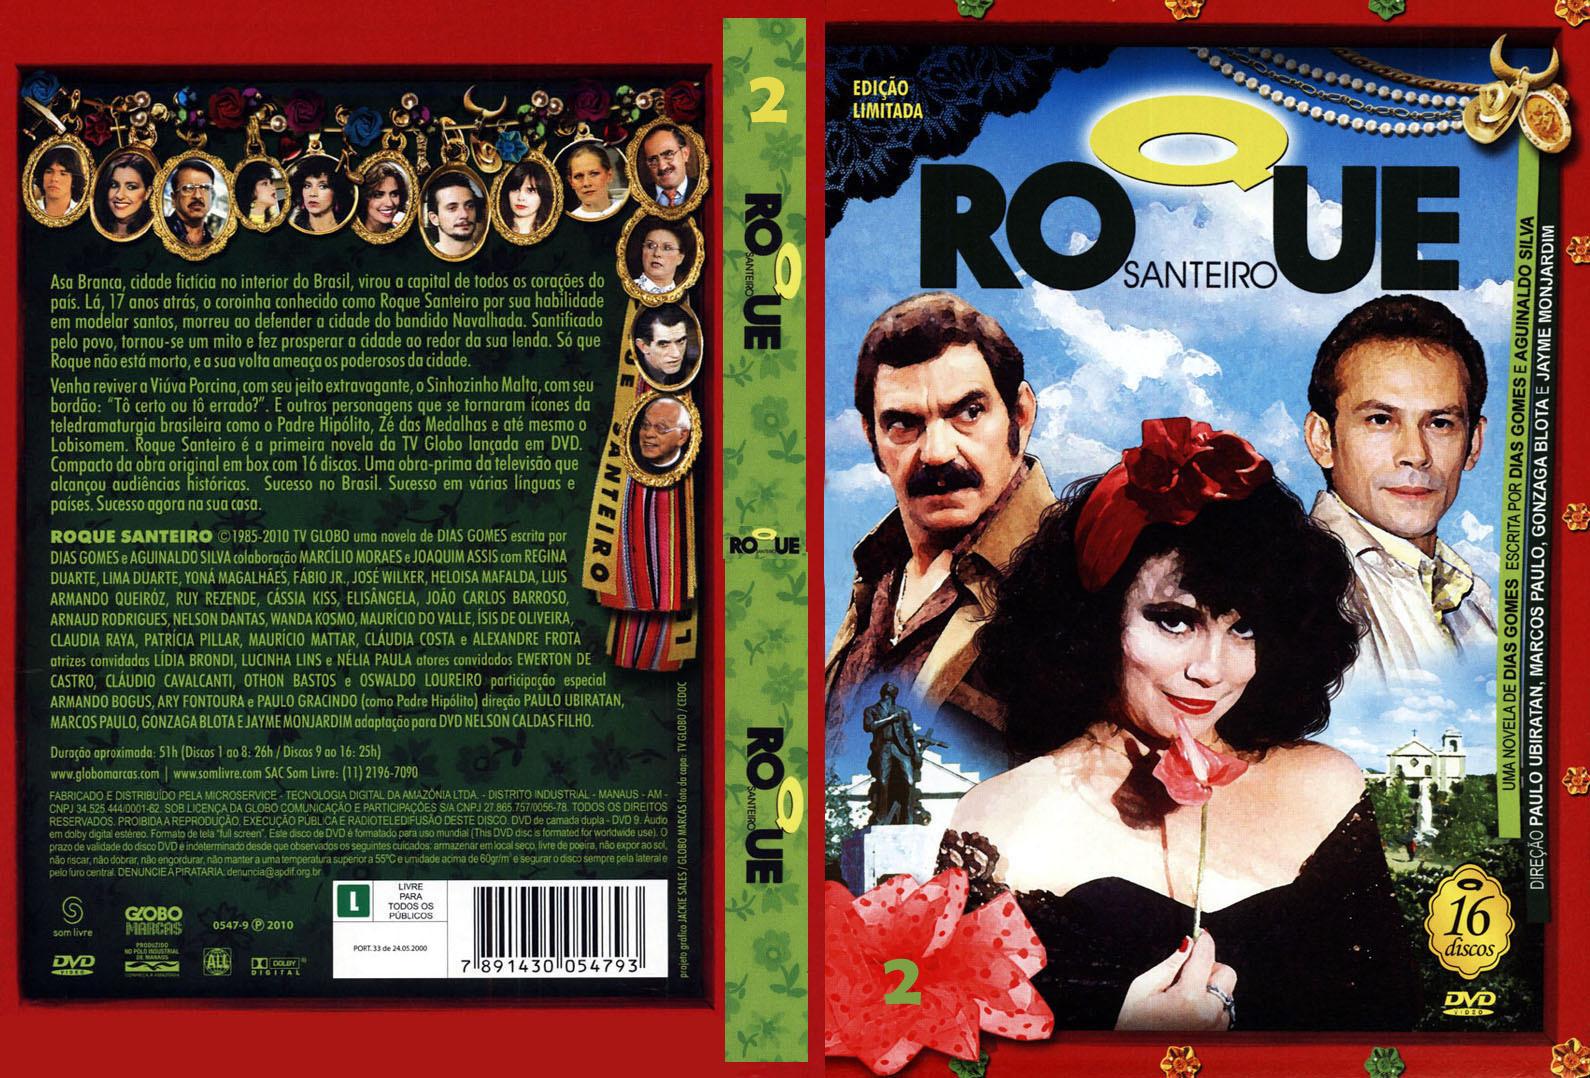 Download Roque Santeiro DVDRip Novela Completa ROQUE SANTEIRO CAPA 2